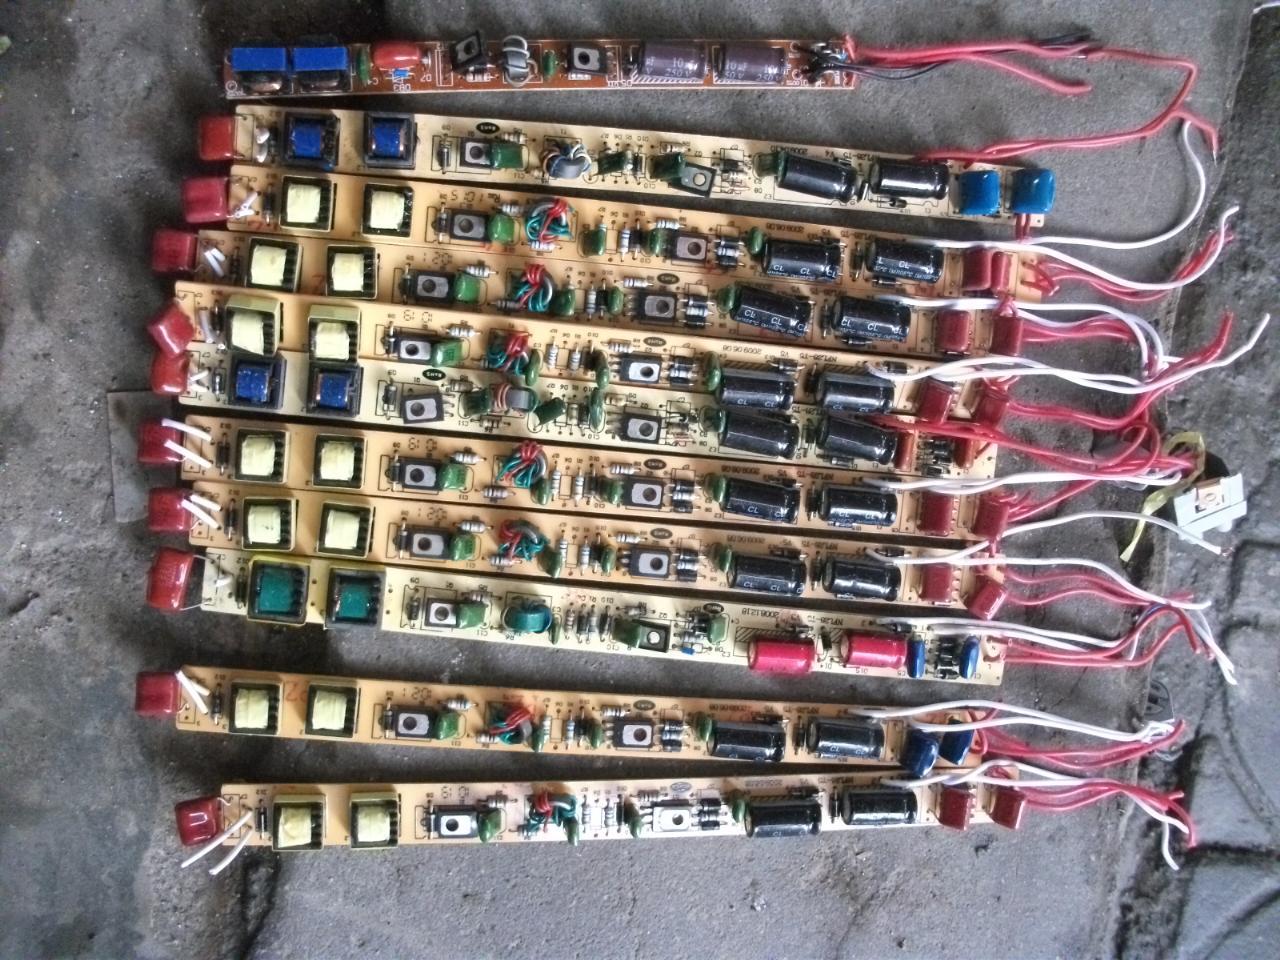 优质30W至36W日光灯节能灯电子整流器线路板工作